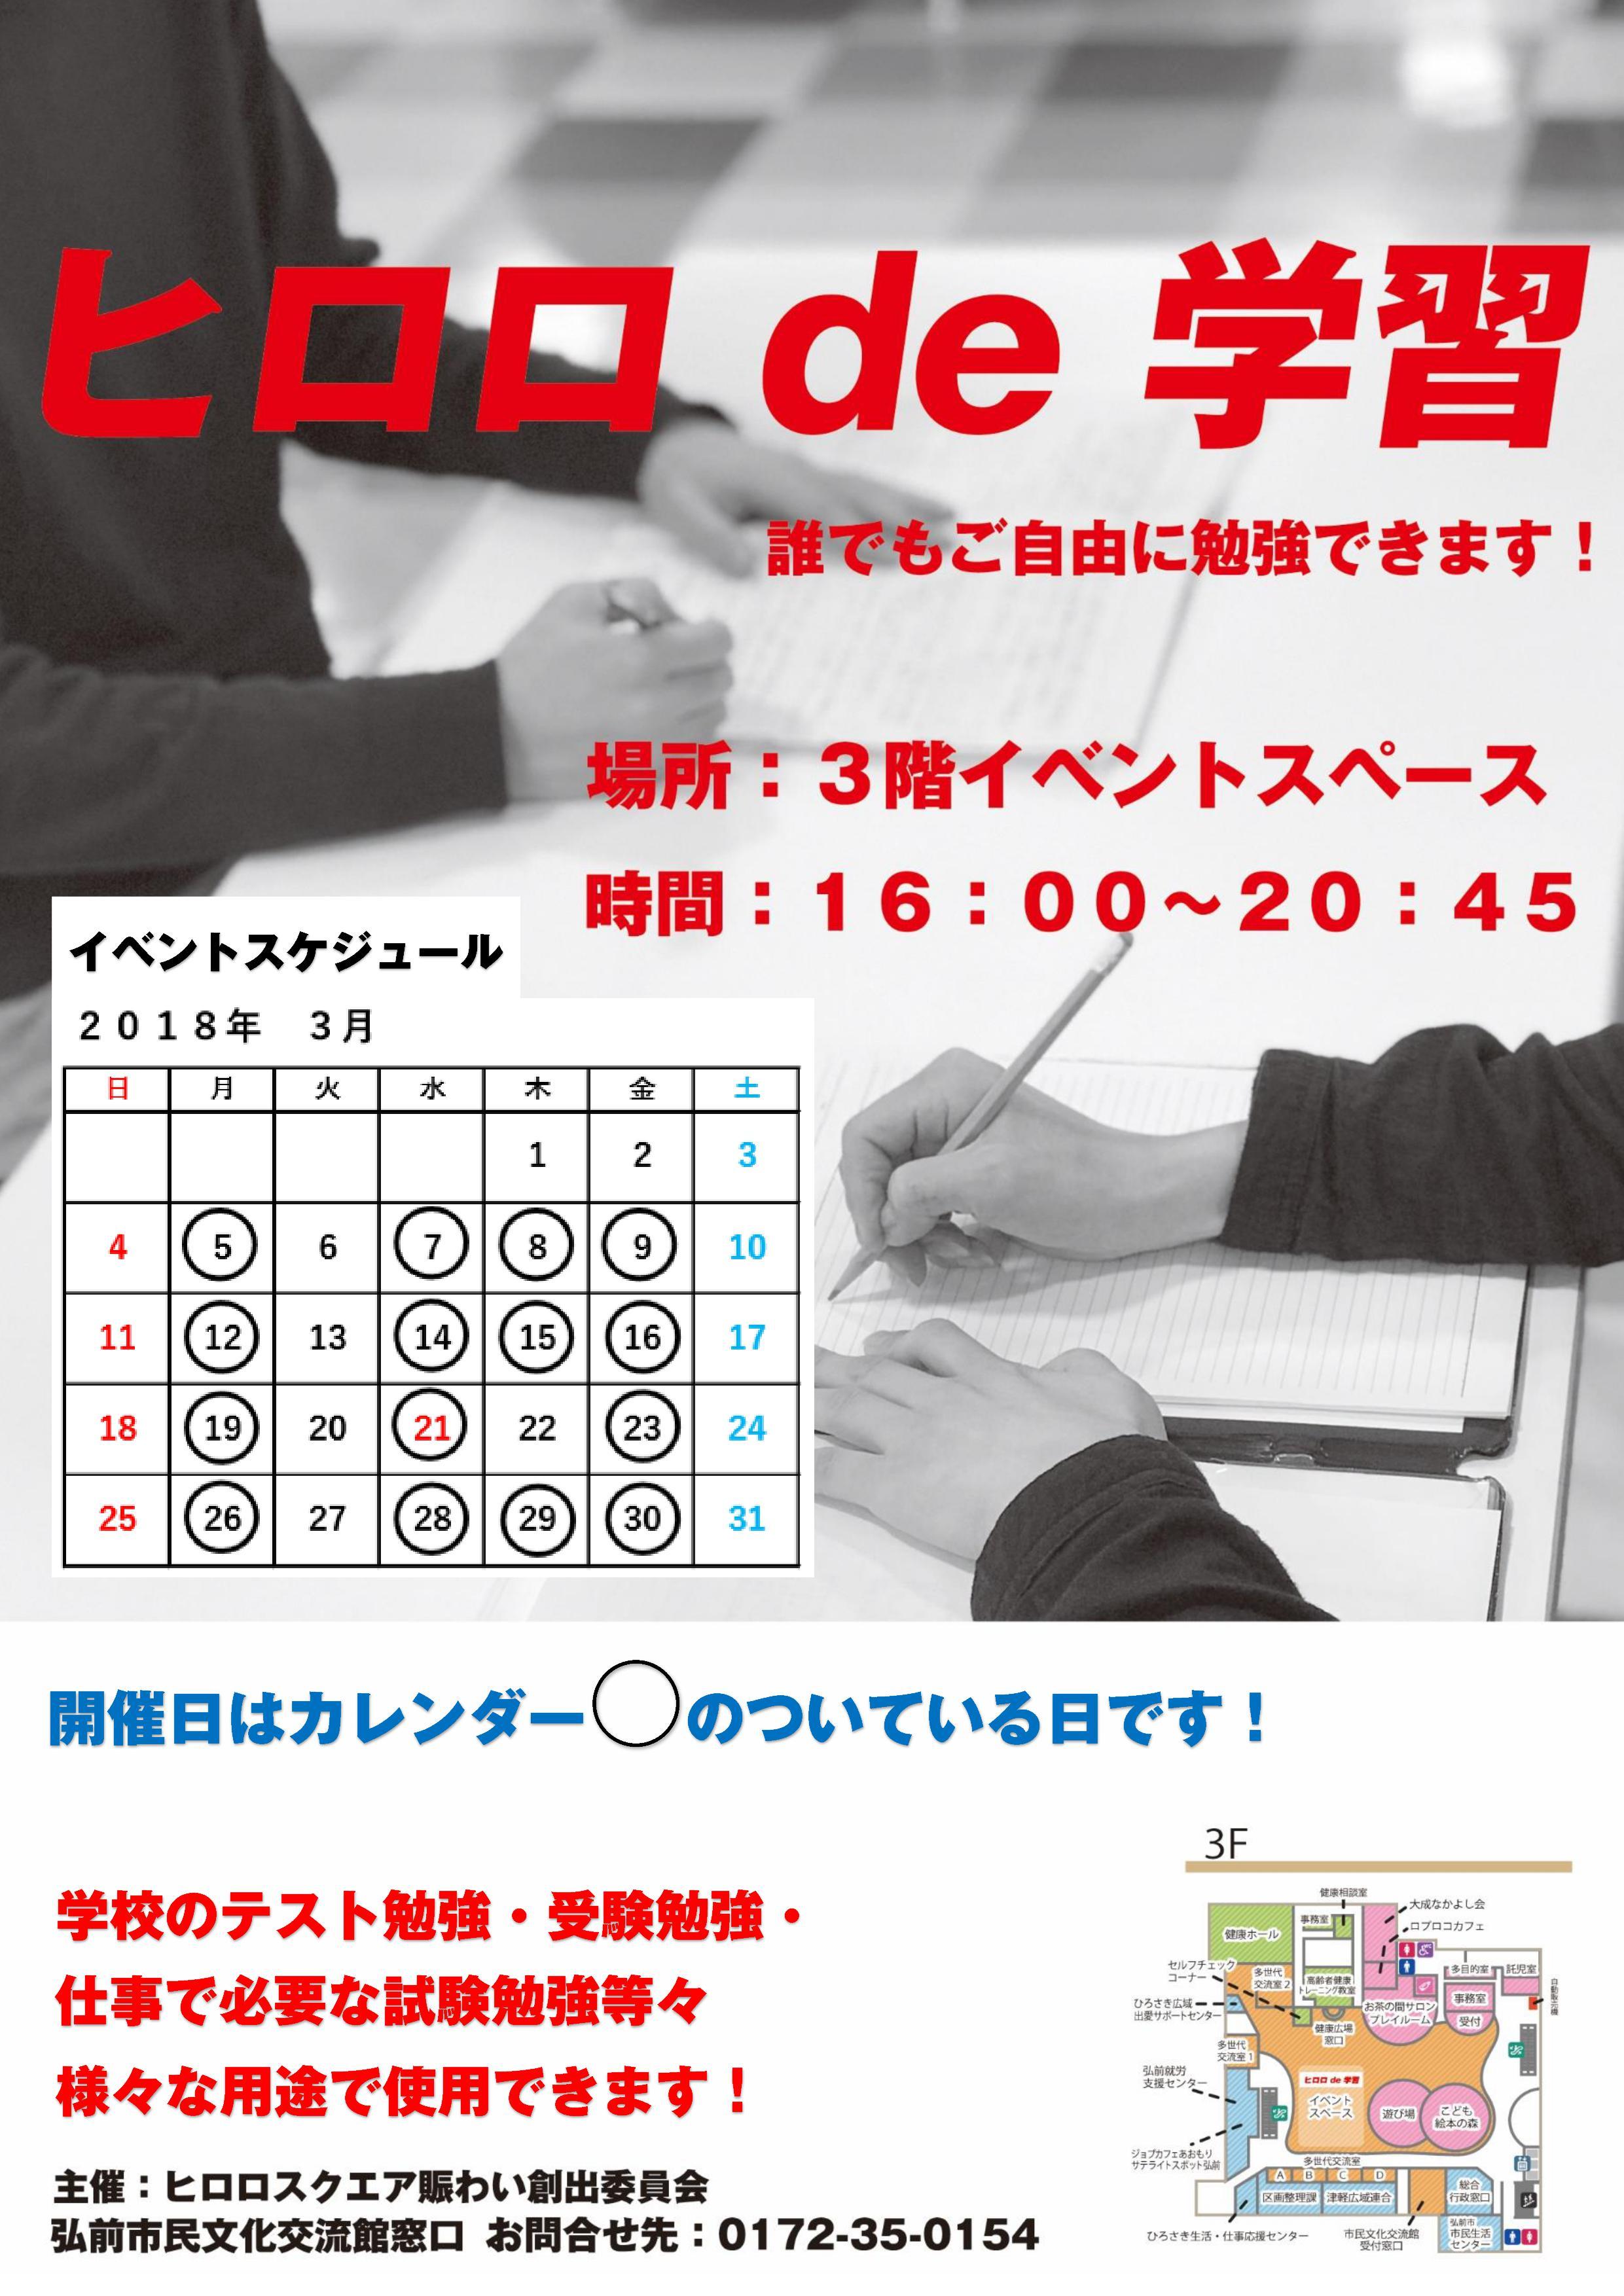 ヒロロde学習3月チラシ.jpg